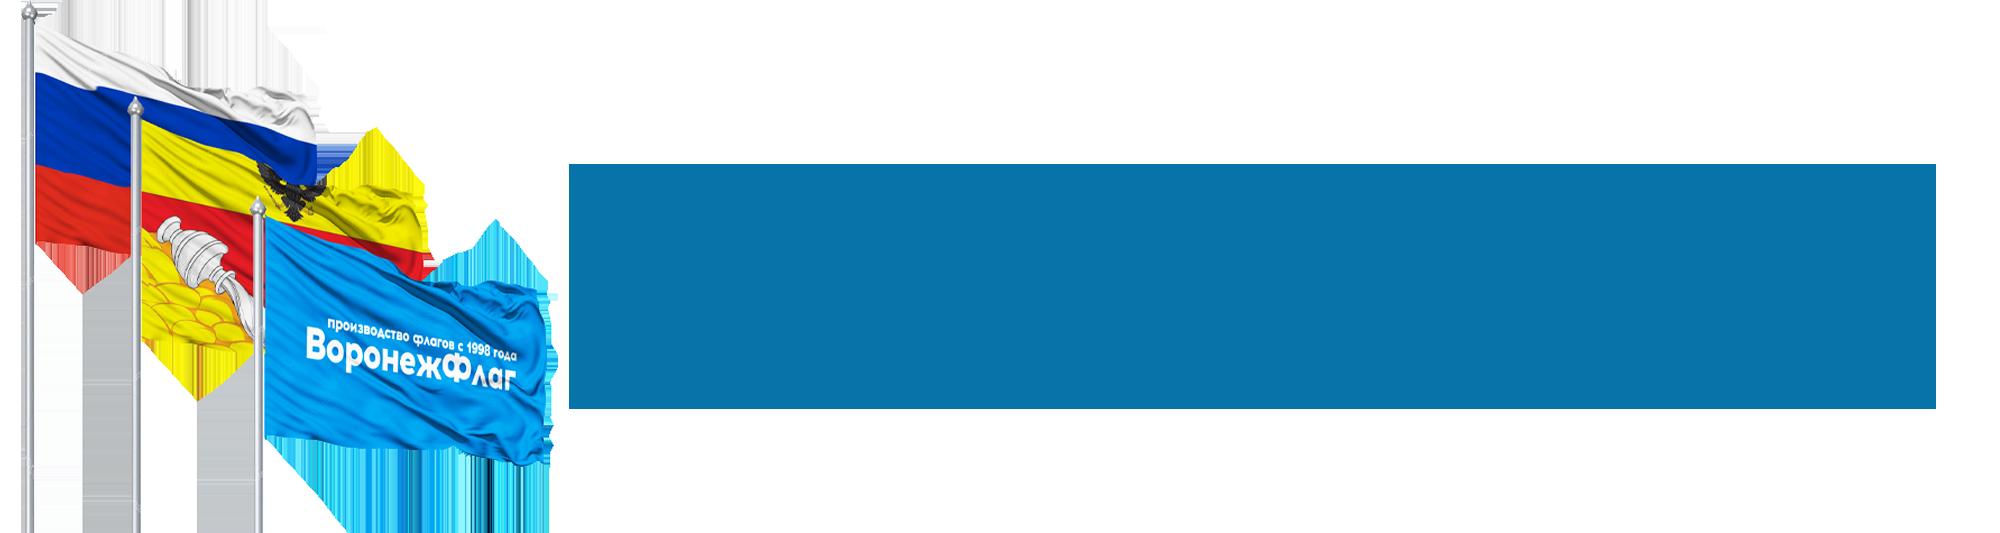 флаг-лого2